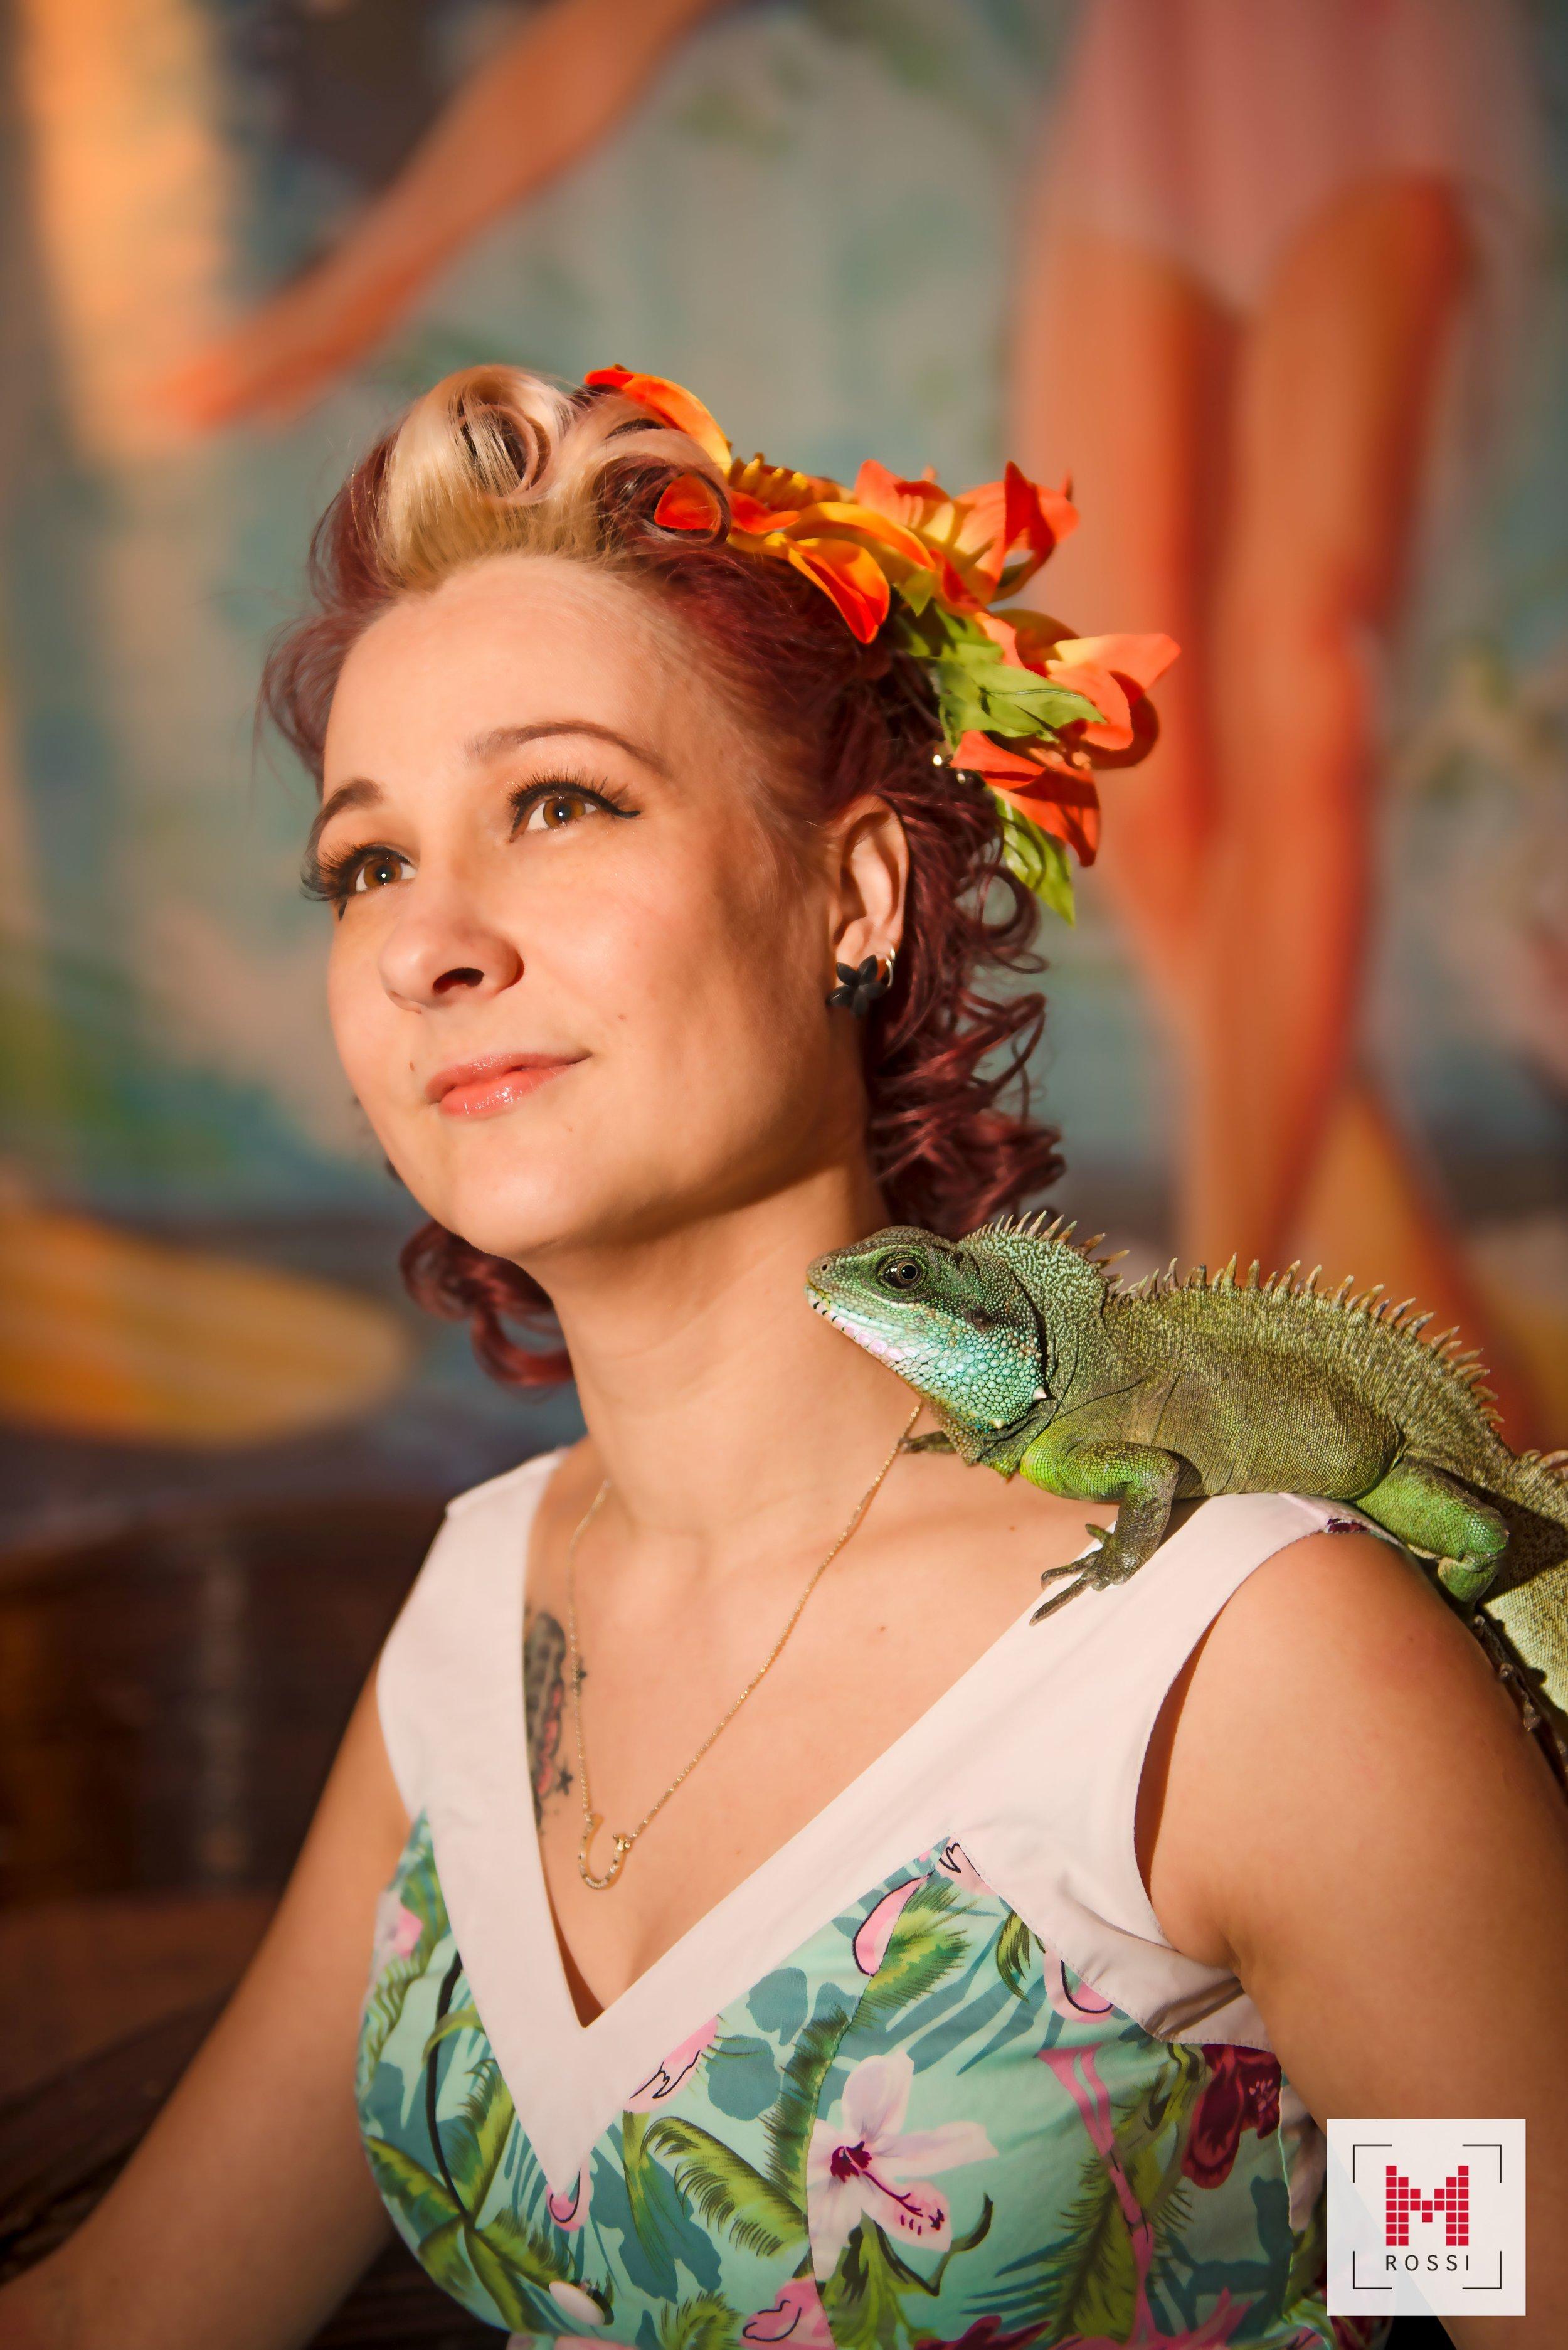 Suza la Rubini  Vice President Minna Rossi Photo  Susan on tyttö laittamaan asioita ja ideoita eteenpäin! Hän ammentaa voimansa ystävistä, luonnosta ja eläimistä, ja sydämeni sykkii ja jalkani liikkuvat vanhan swing-musiikin tahdissa! Rakastan pukeutua ja laittautua, ja monesti More is More. Anna itsesi säihkyä!  Susan is a hard workin woman with a lot of ideas. Along with the nature and the animals, music is her life force and old times swing music makes her legs dance. She have always thought that More is more, Let yourself Shine along with the sun!   https://www.facebook.com/Suza-la-Rubini-225364404840551/